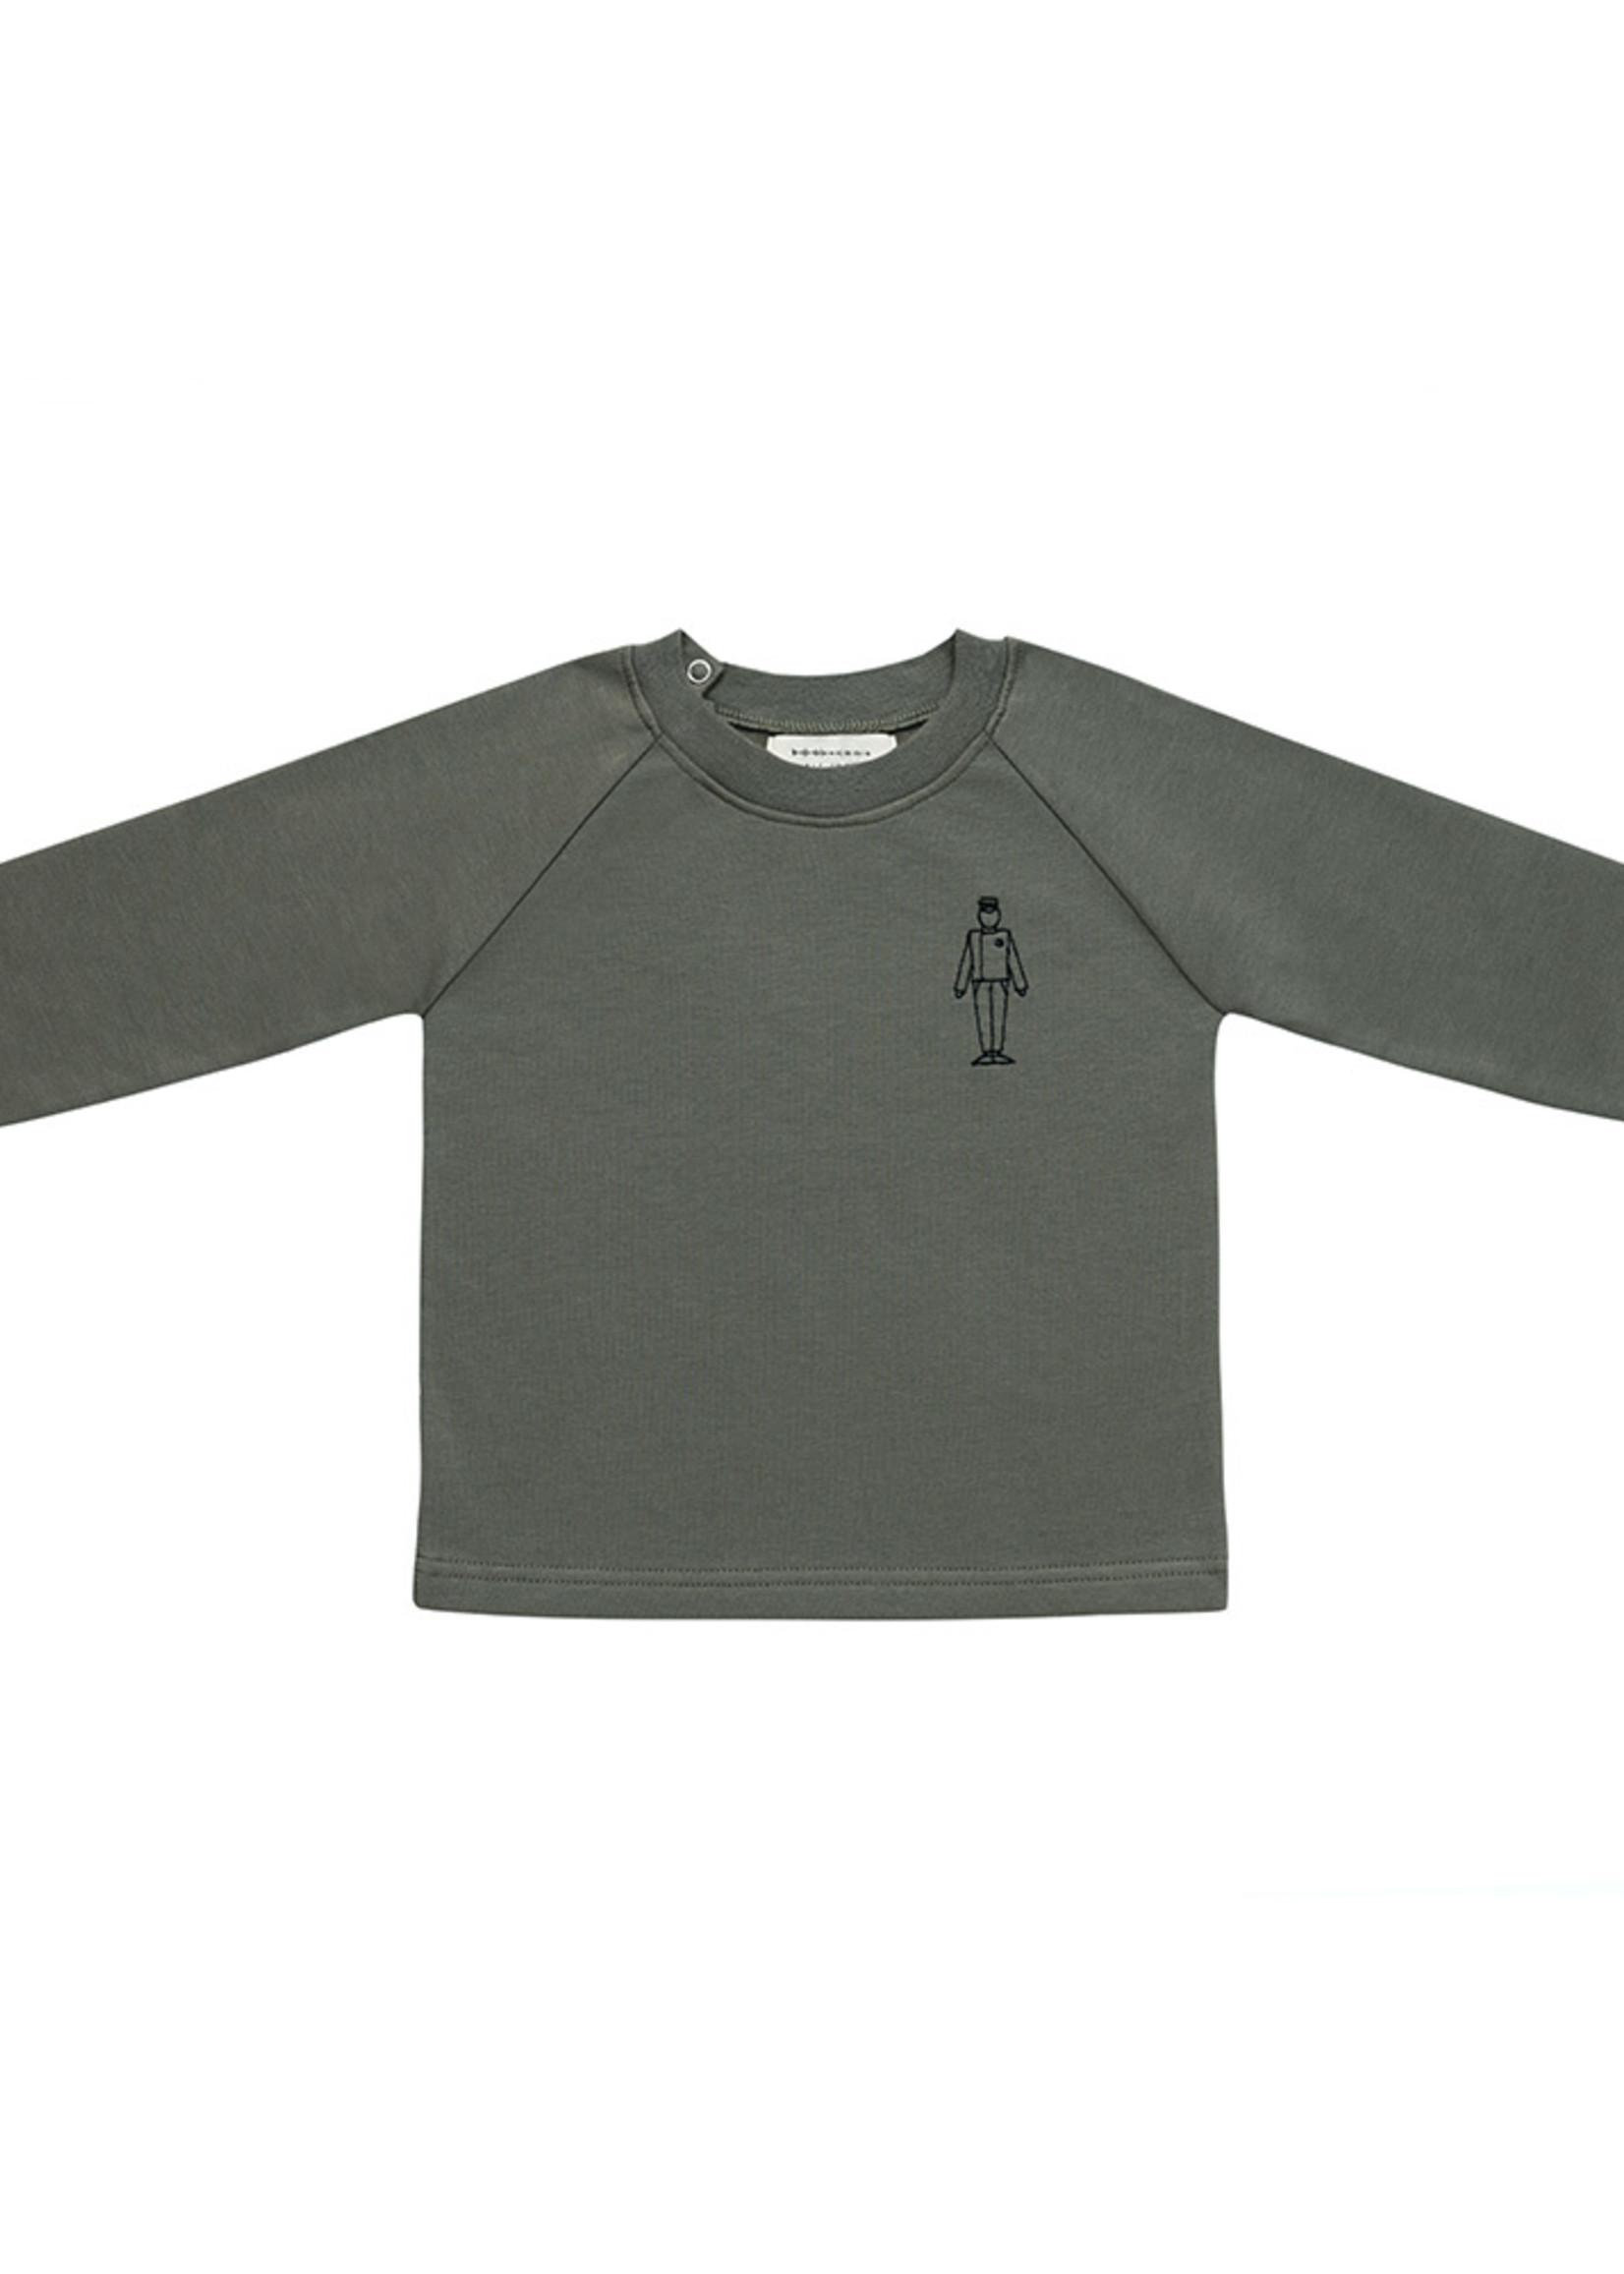 Little Indians LI - Sweater Lift Boy - Dusty Olive